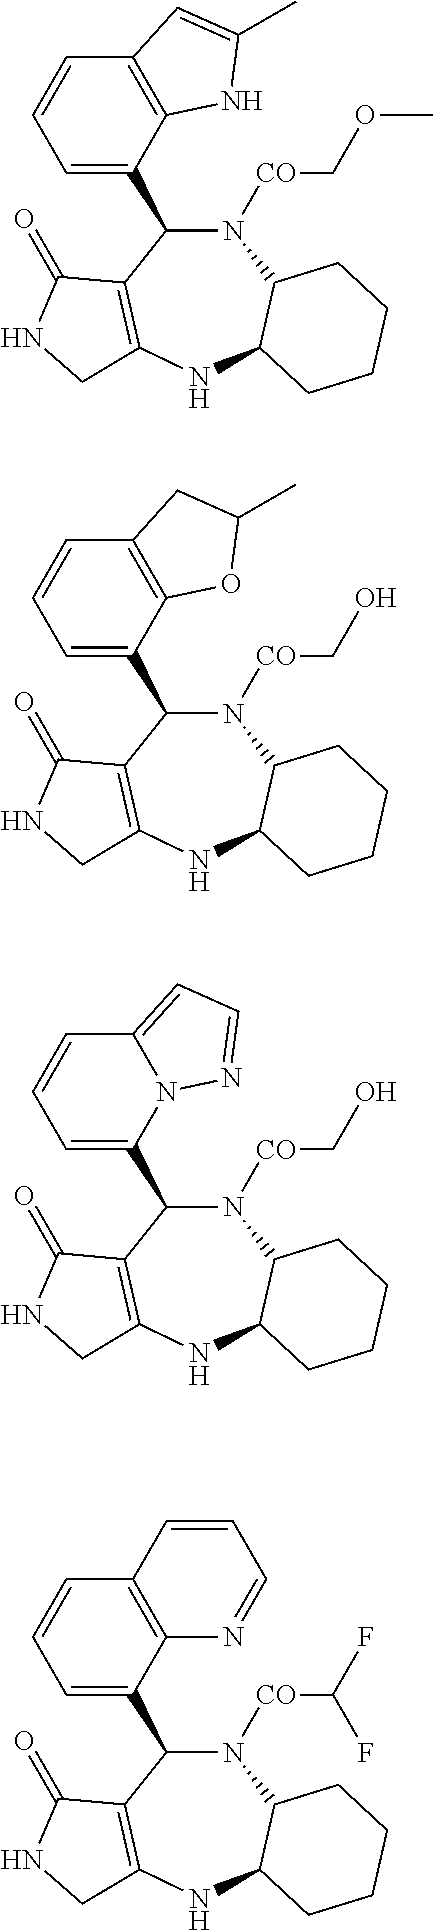 Figure US09962344-20180508-C00065